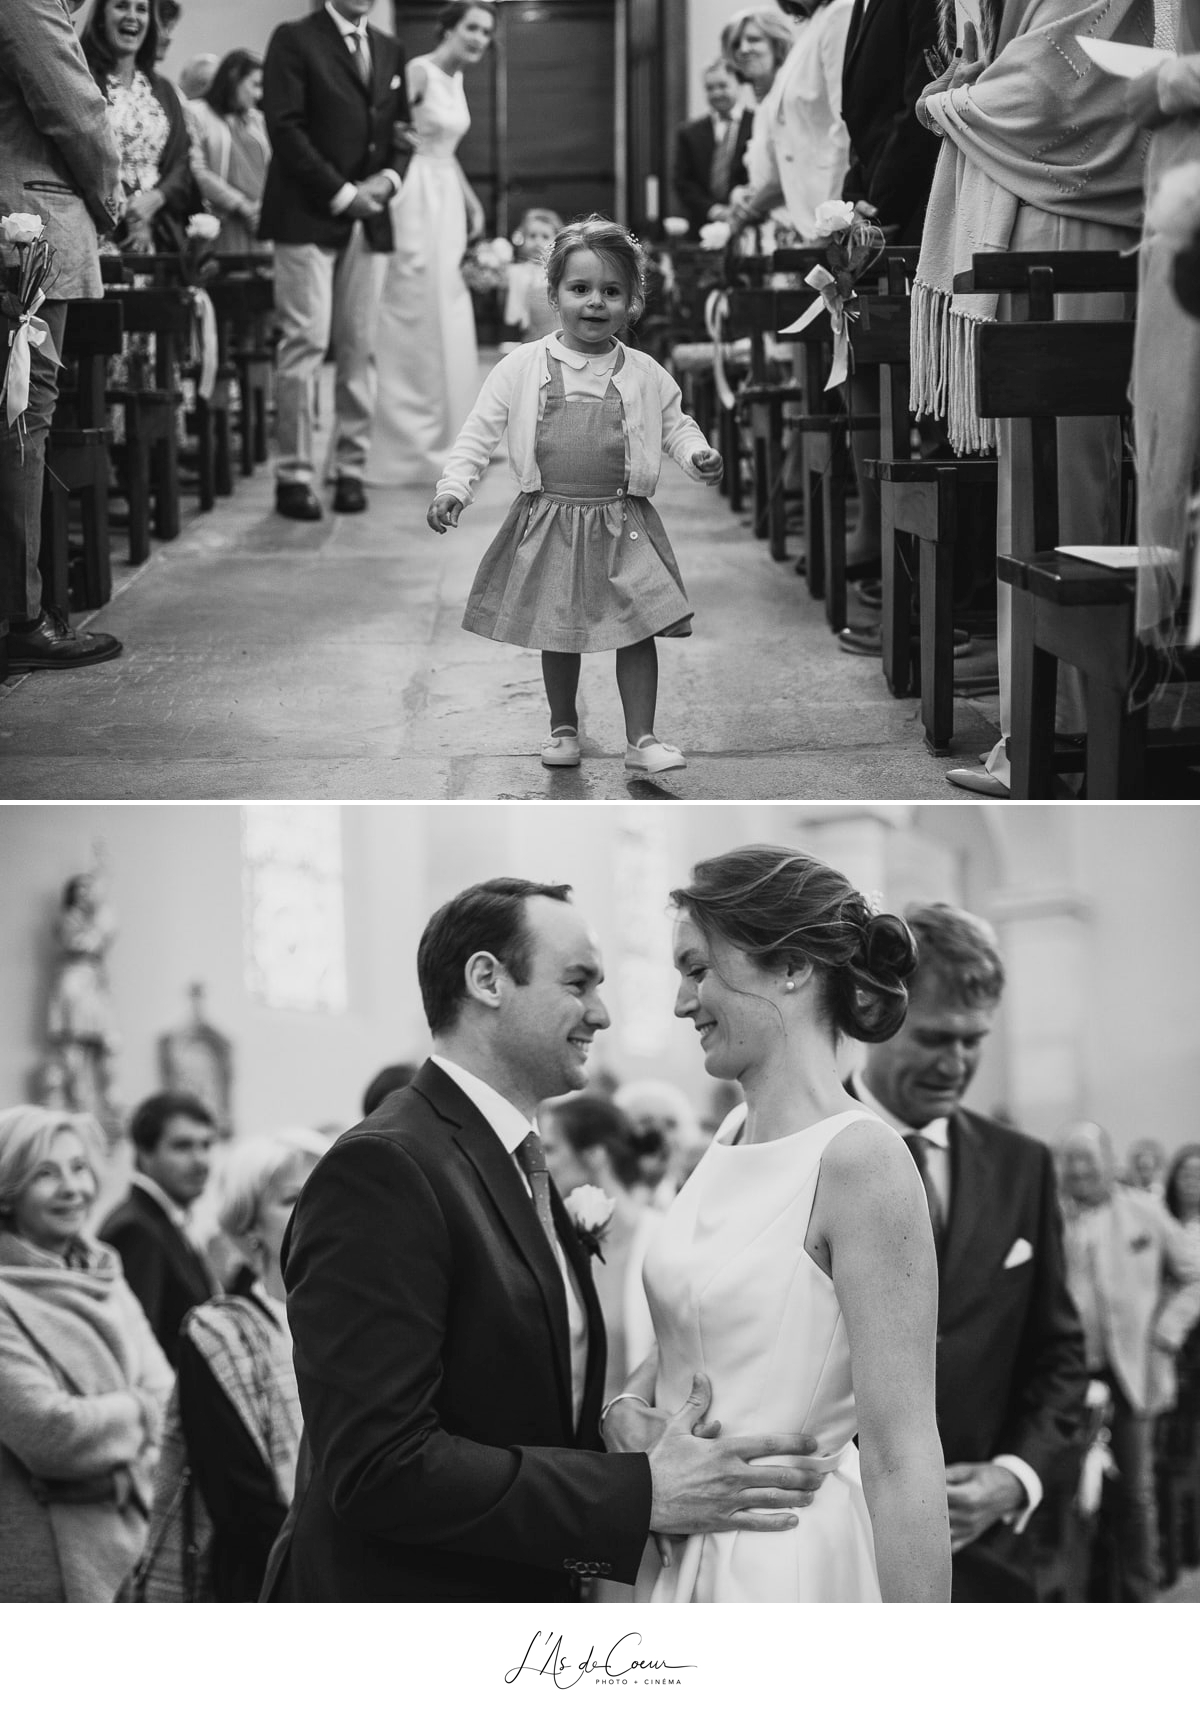 entrée mariés église noir et blanc Domaine de Morgon la javernière photographe mariage lyon Beaujolais L'As de Coeur